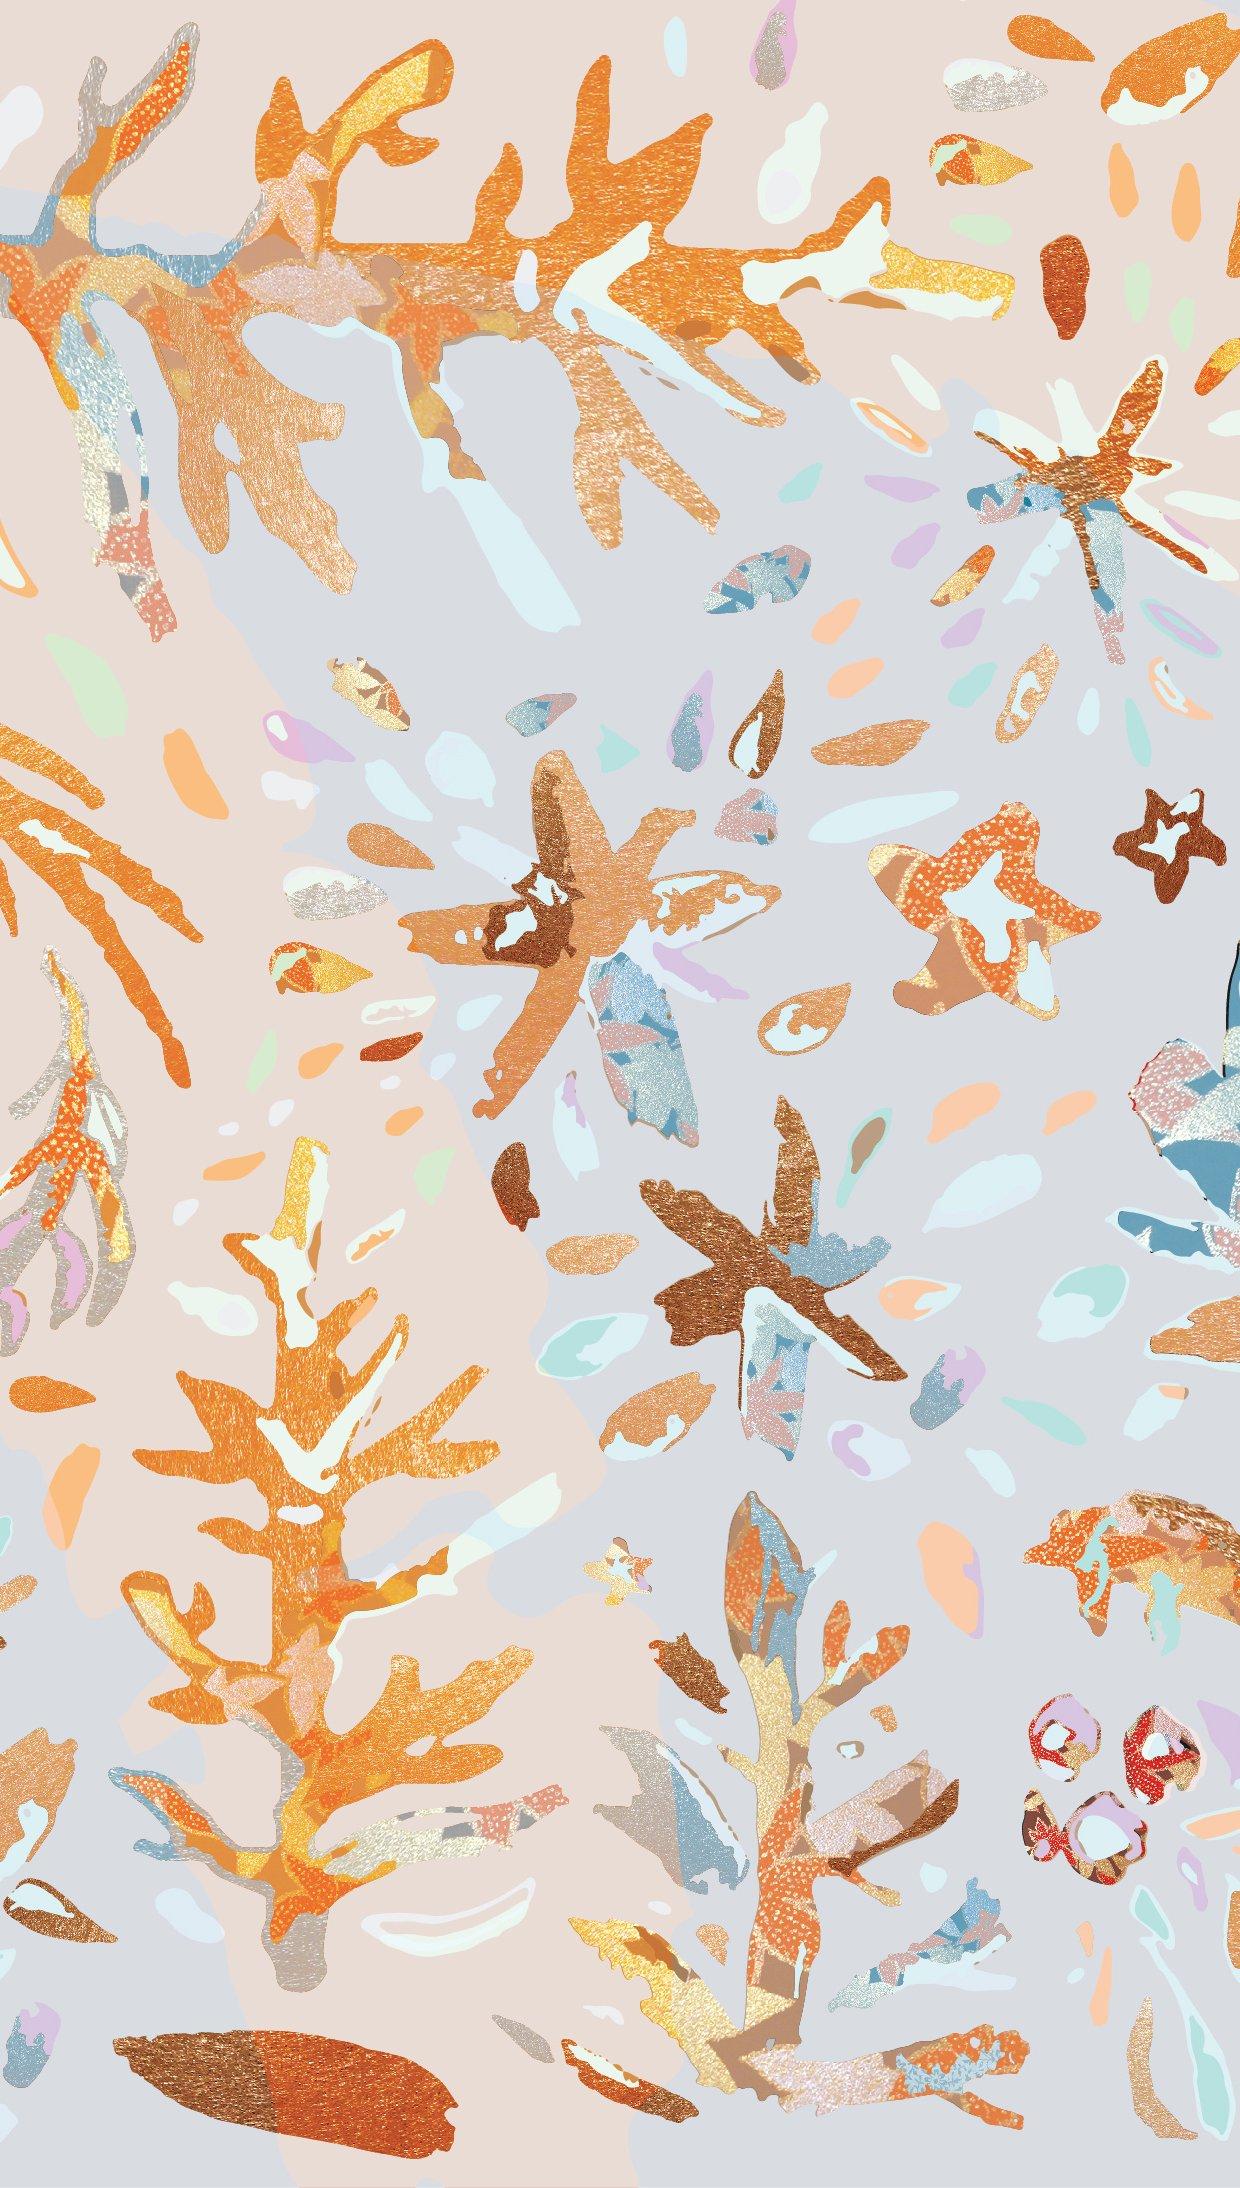 Fondos de pantalla Arte Naturaleza Abstracta Vertical